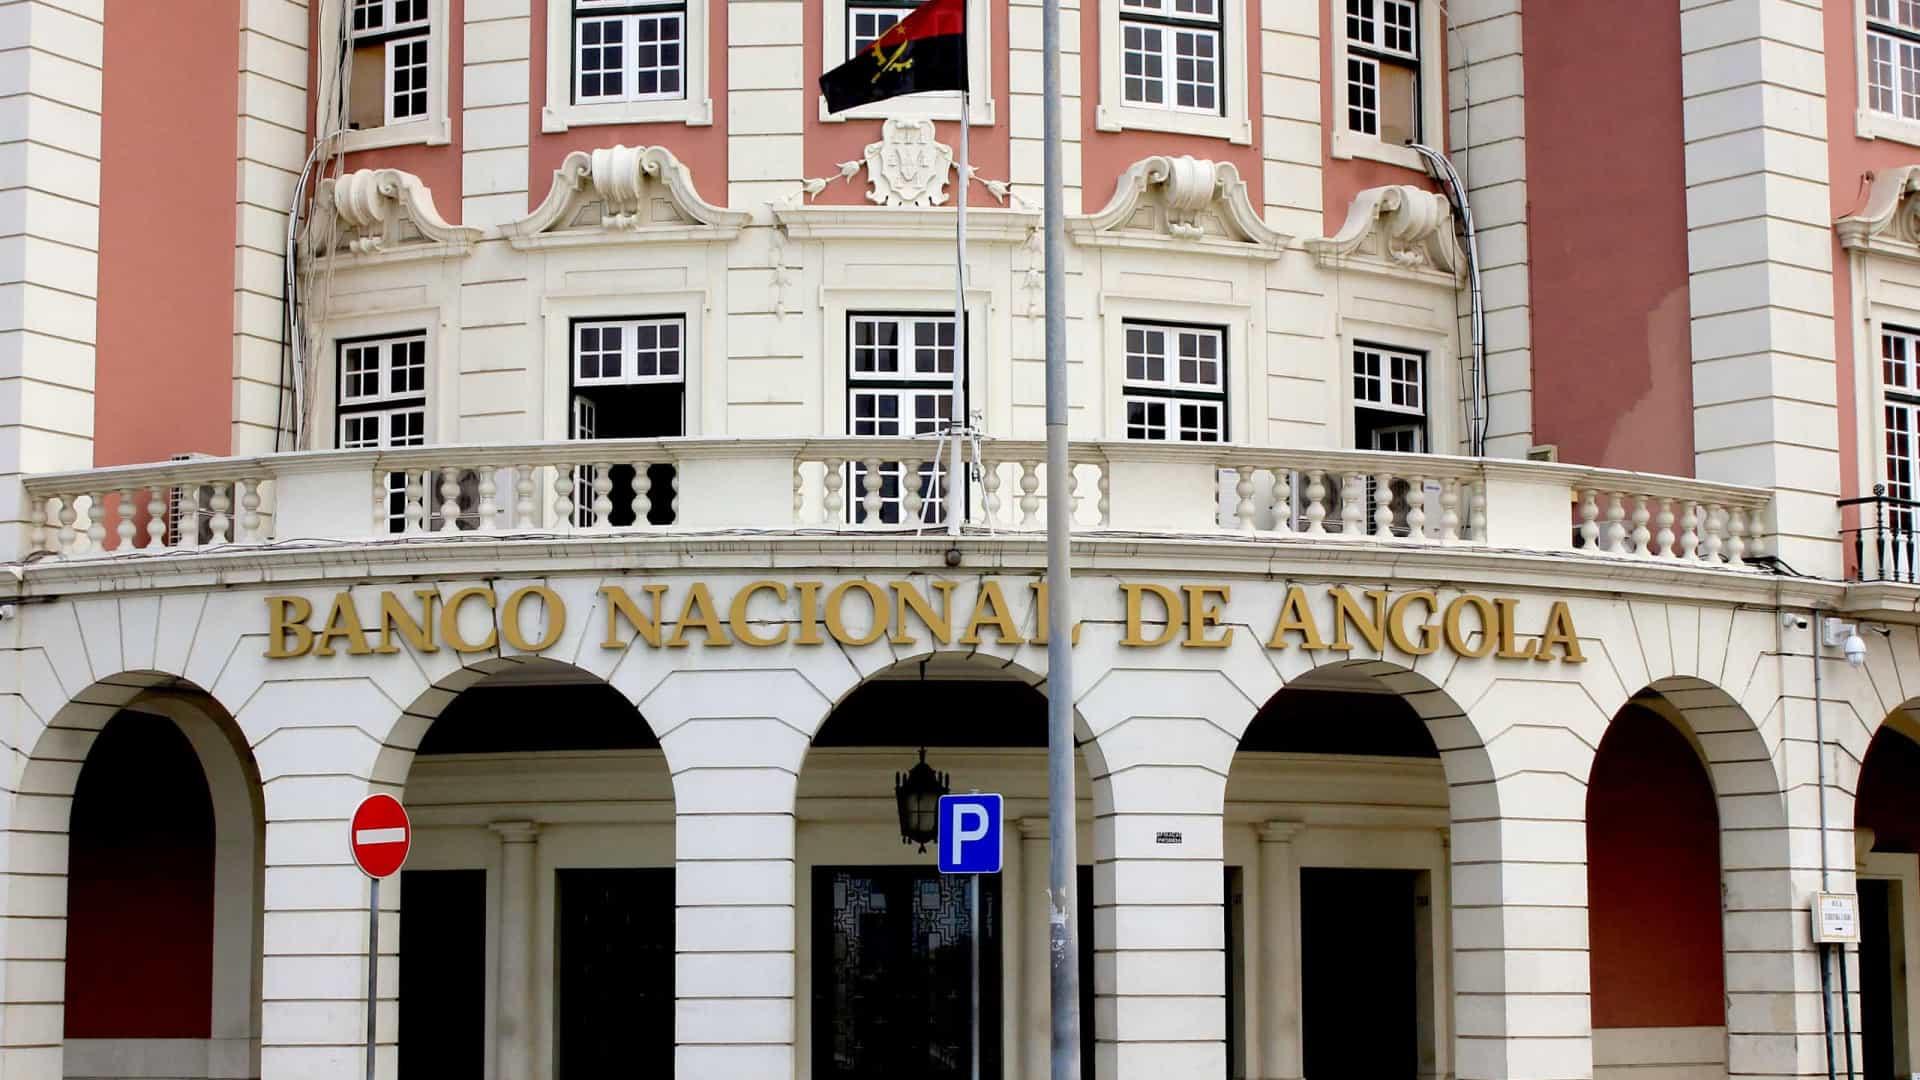 Banco Nacional de Angola estabelece novas Regras do Sistema Financeiro Angolano